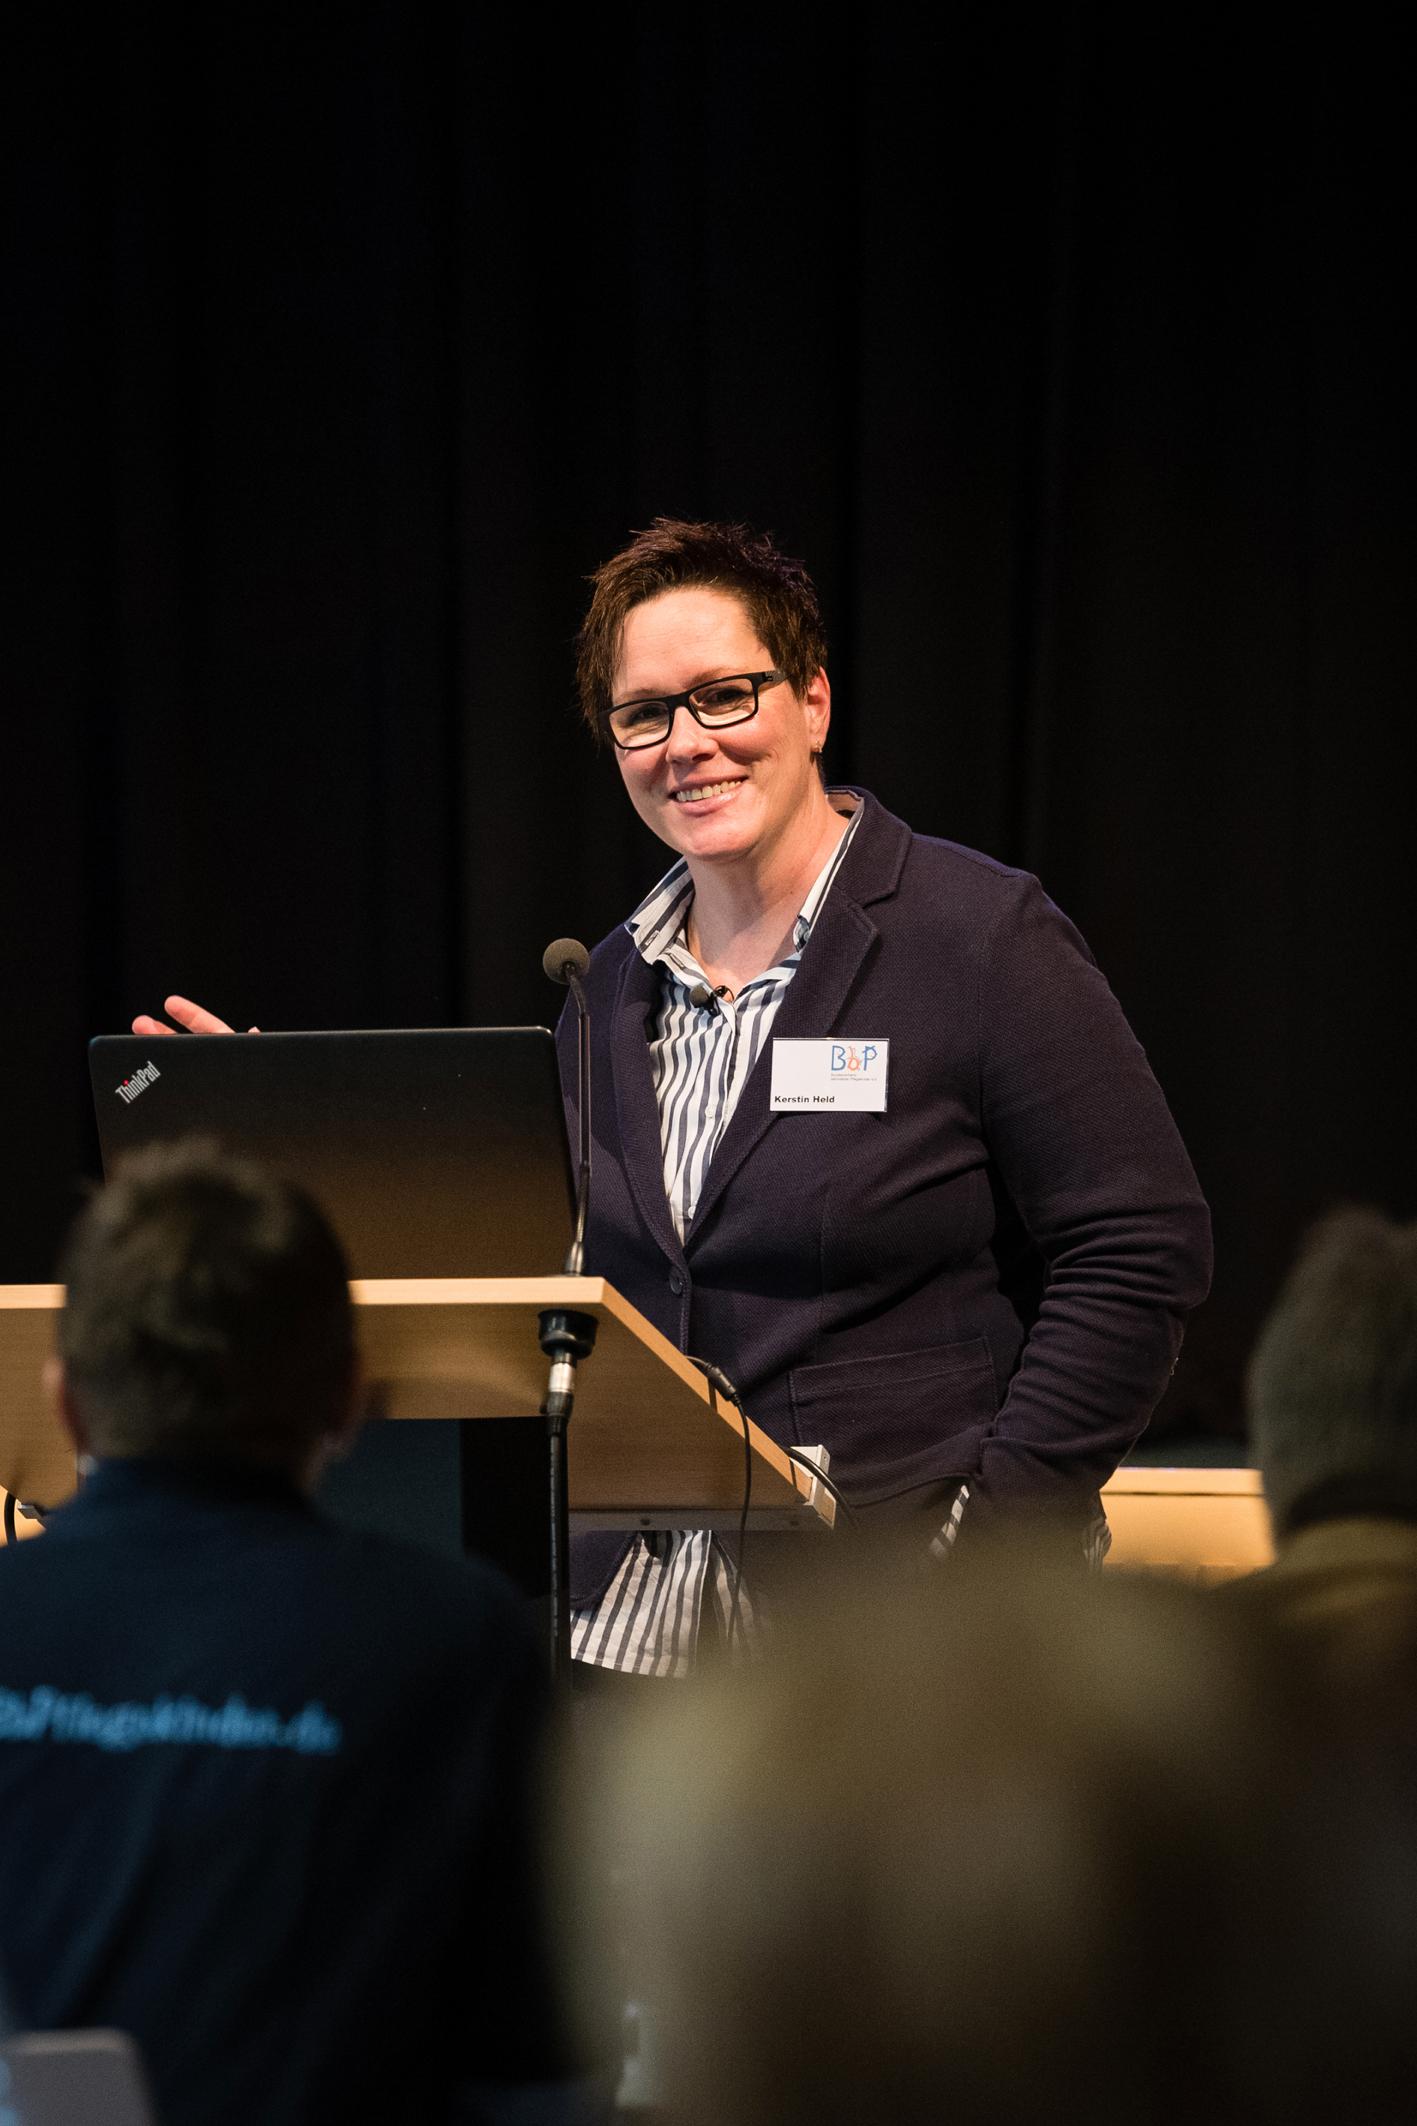 Kerstin Held, Vorsitzende des Bundesverbandes behinderter Pflegekinder e.V.